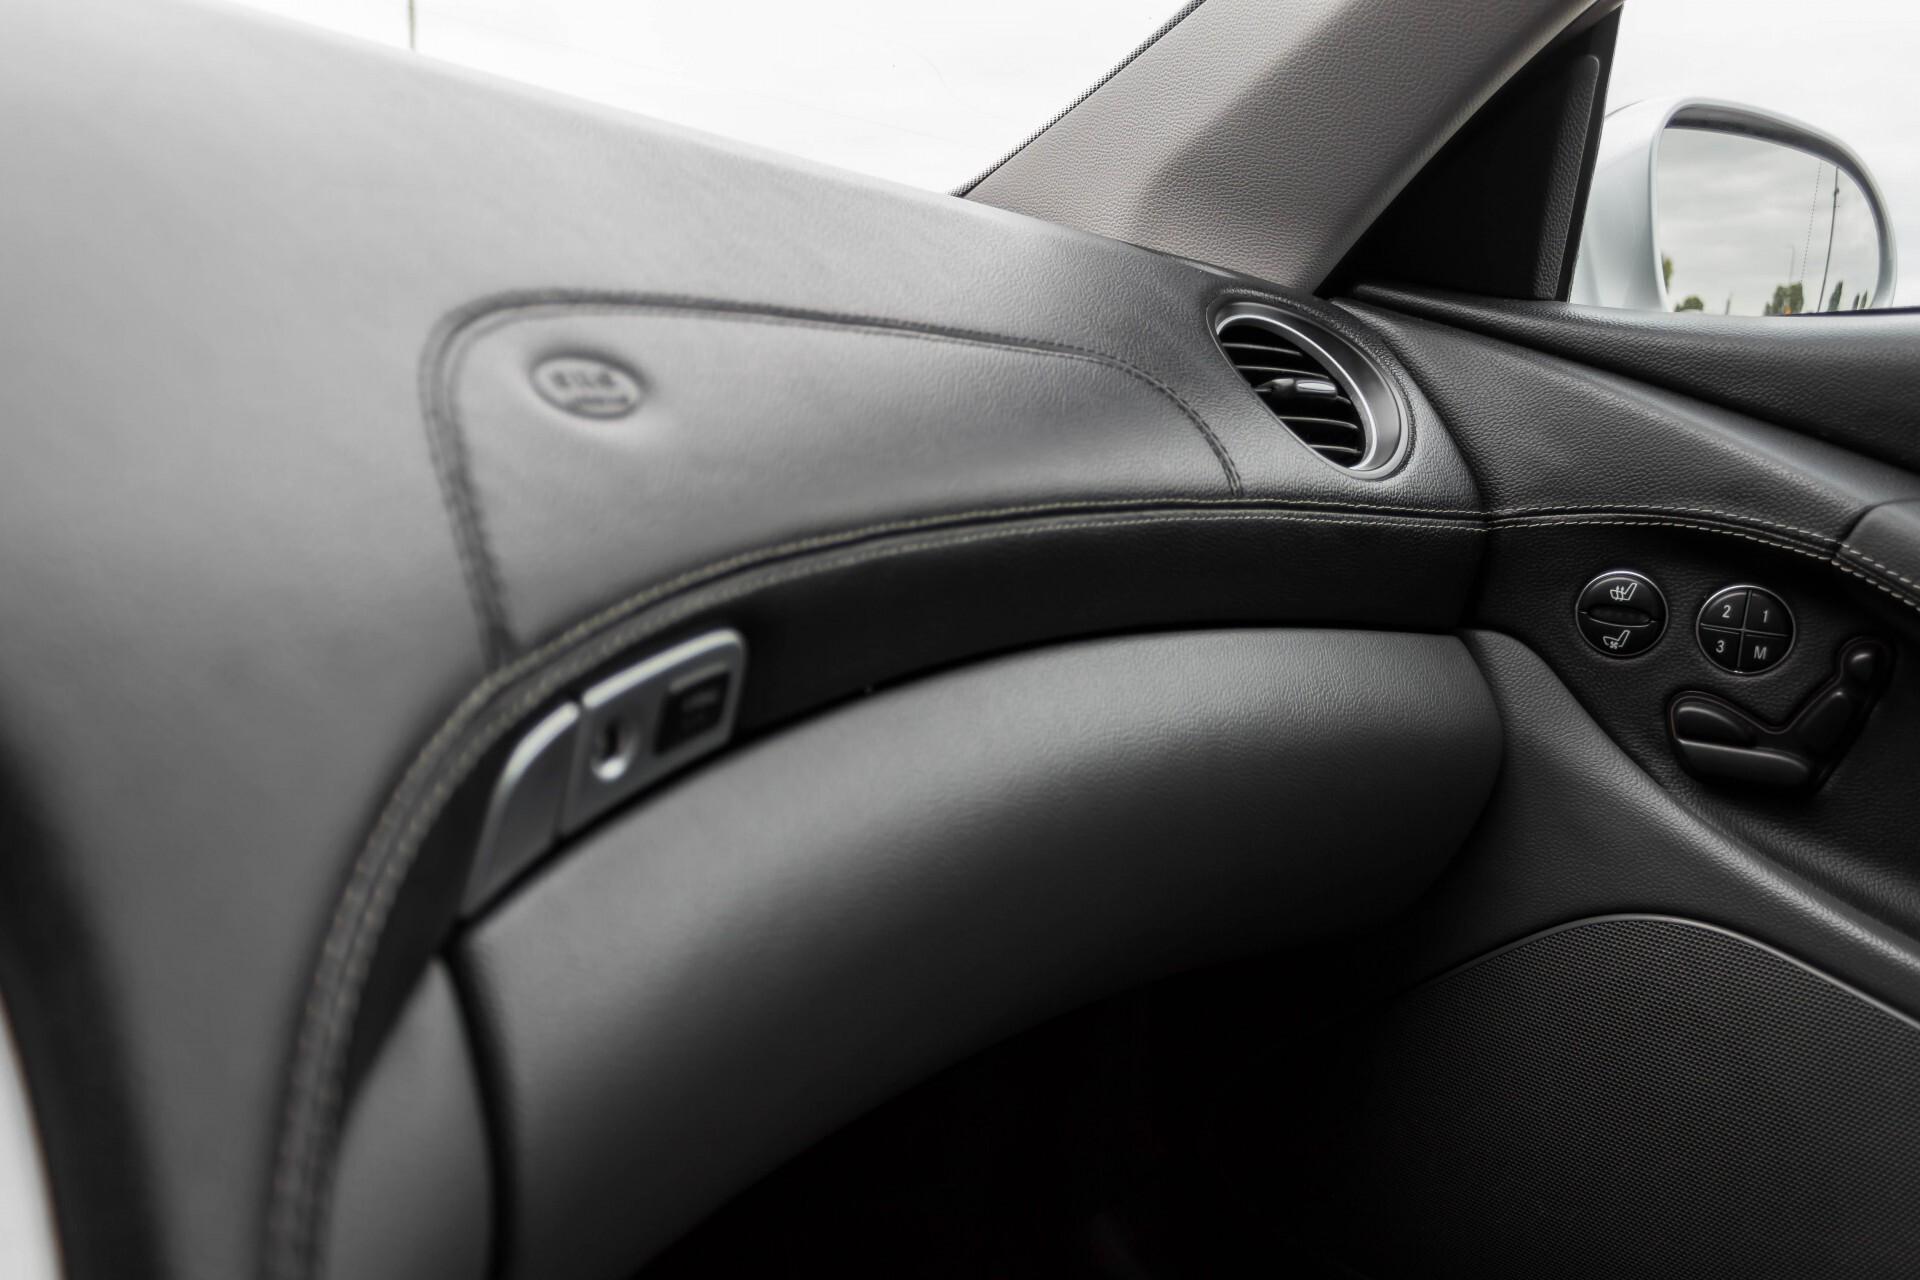 Mercedes-Benz SL-Klasse 55 AMG Aut5 in Nieuwstaat YOUNGTIMER Foto 41